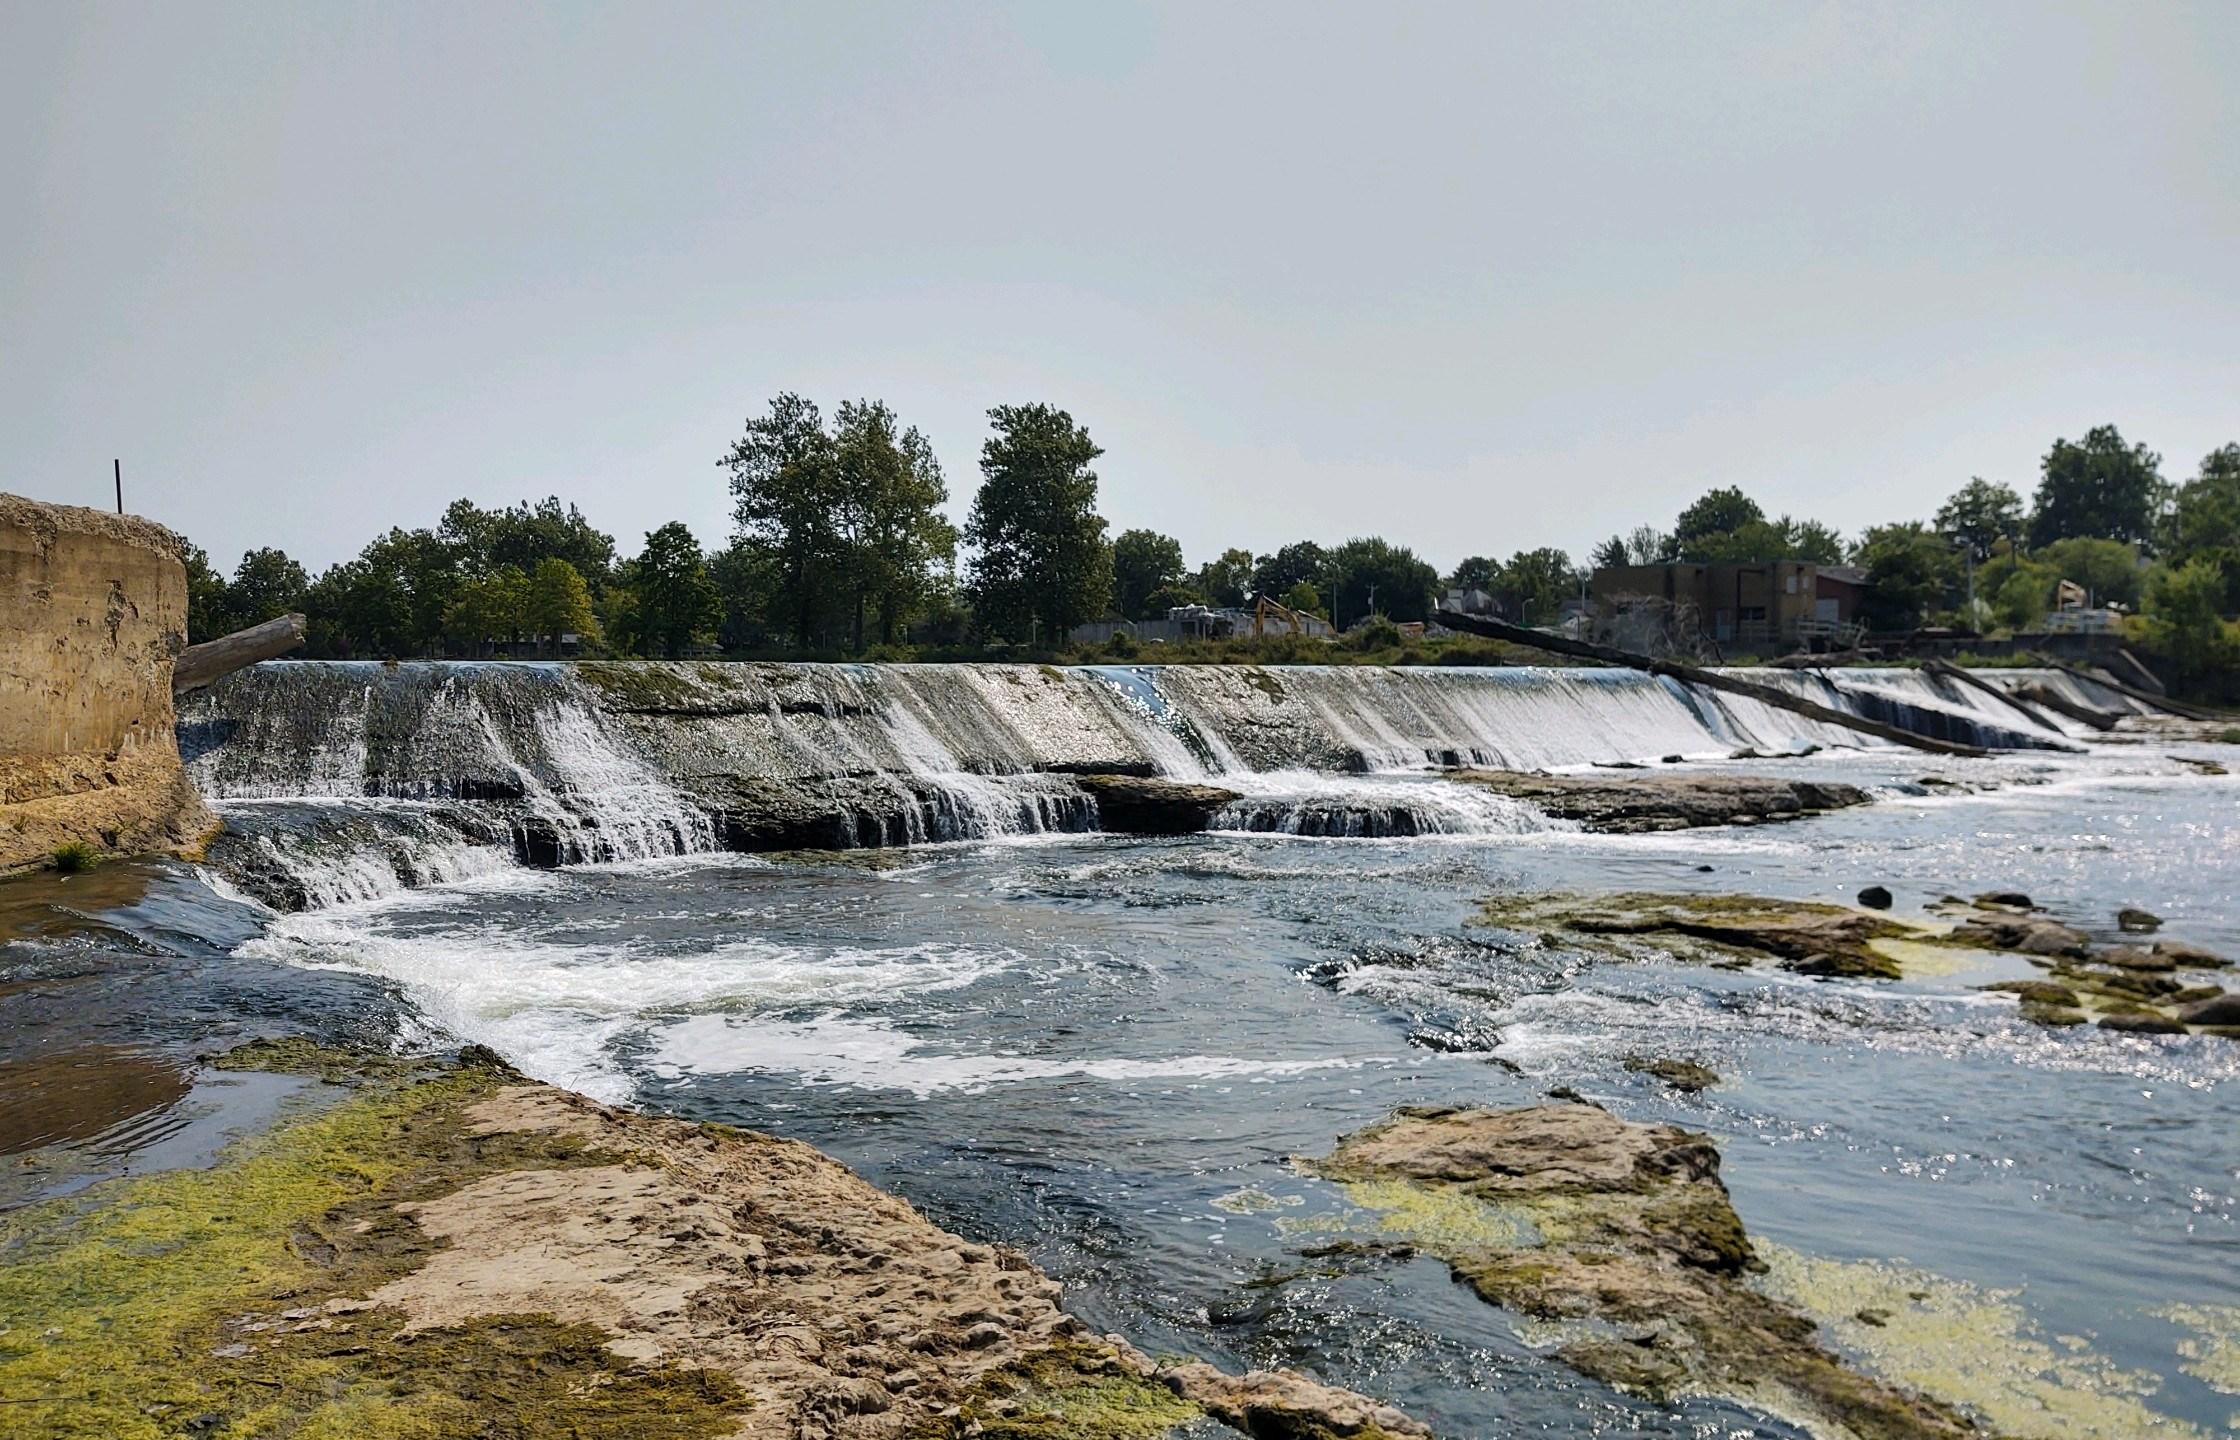 Logansport Eel River Dams removal